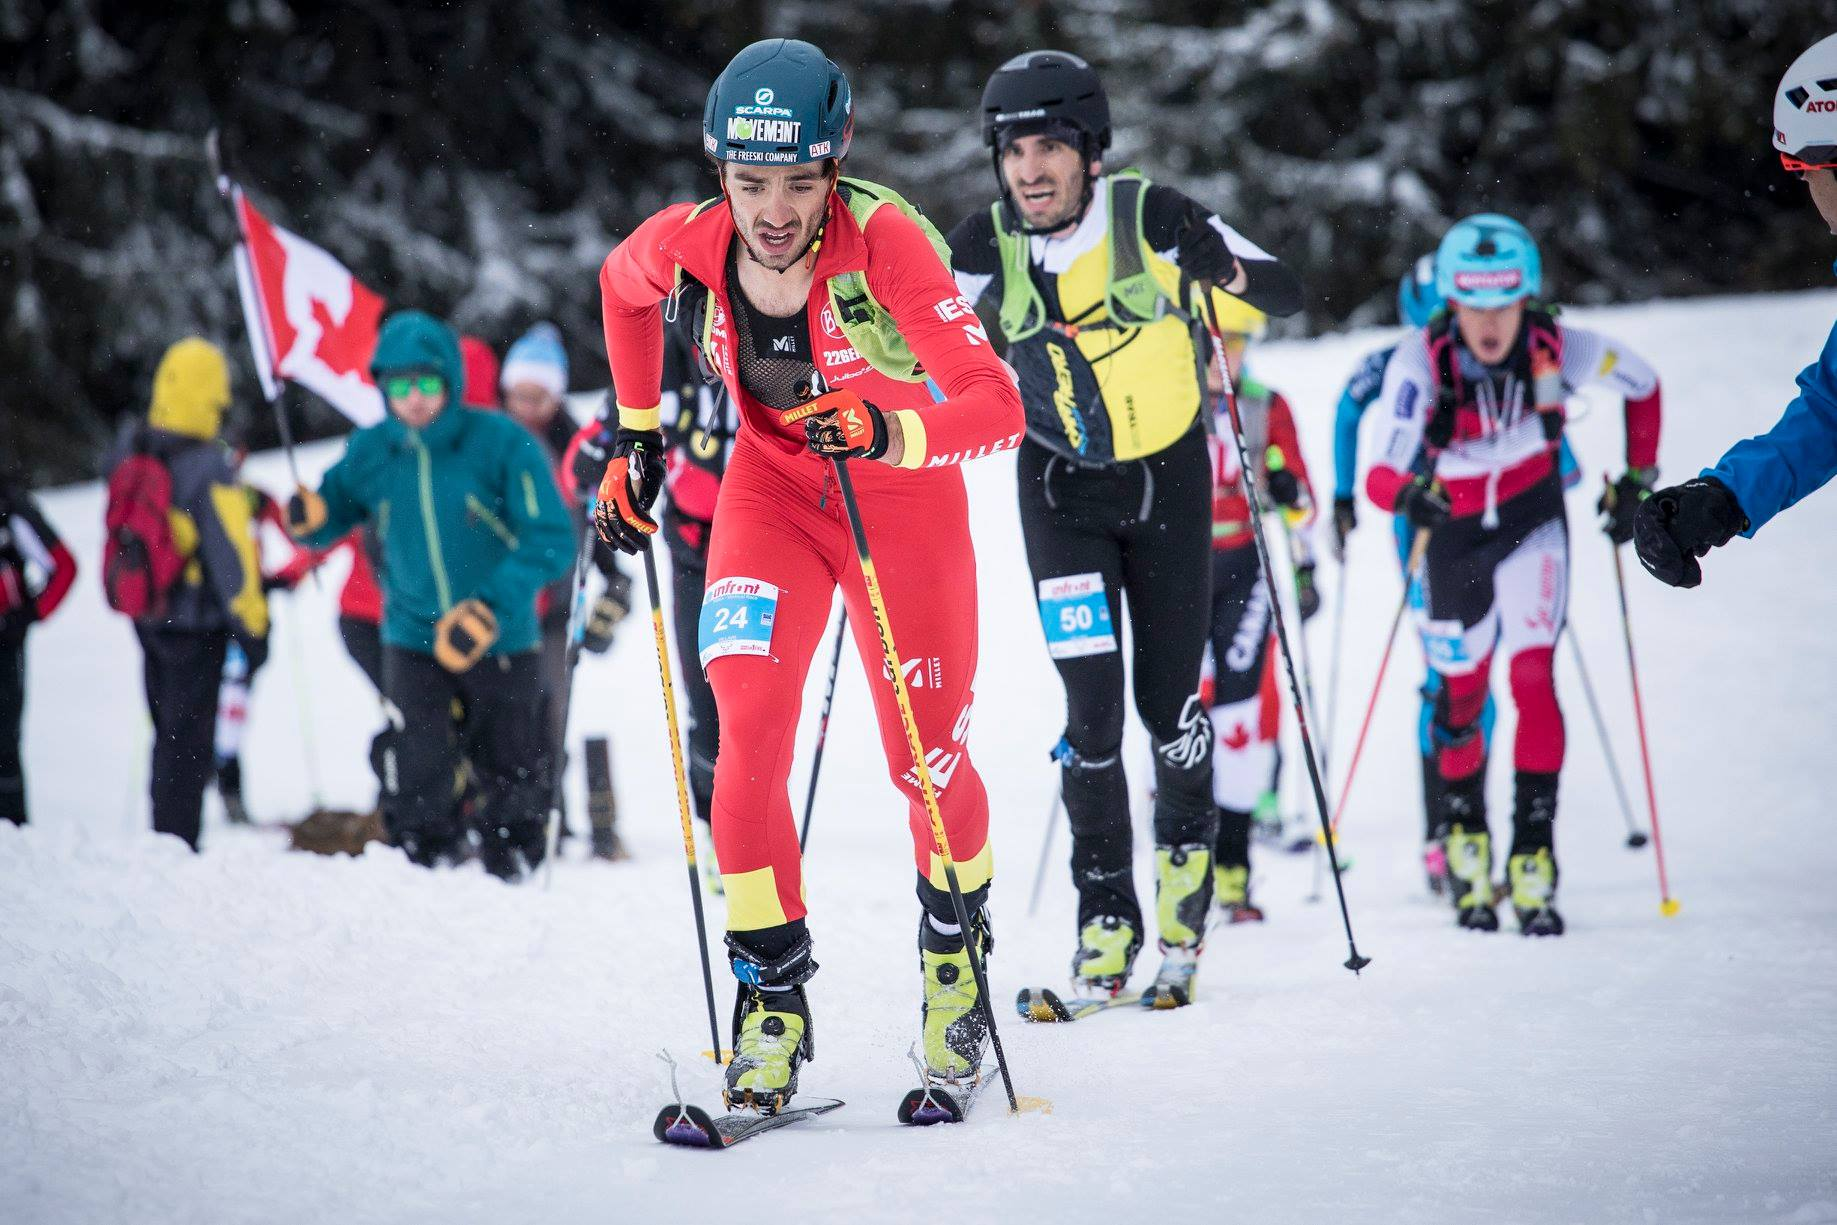 Esquí de Montaña: MUNDIAL SKIMO 2019 SUIZA. Oro Vertical para Werner Marti (SUI) y Andrea Mayr (AUT). Claudia Galicia 6ª; Oriol Cardona 8º.